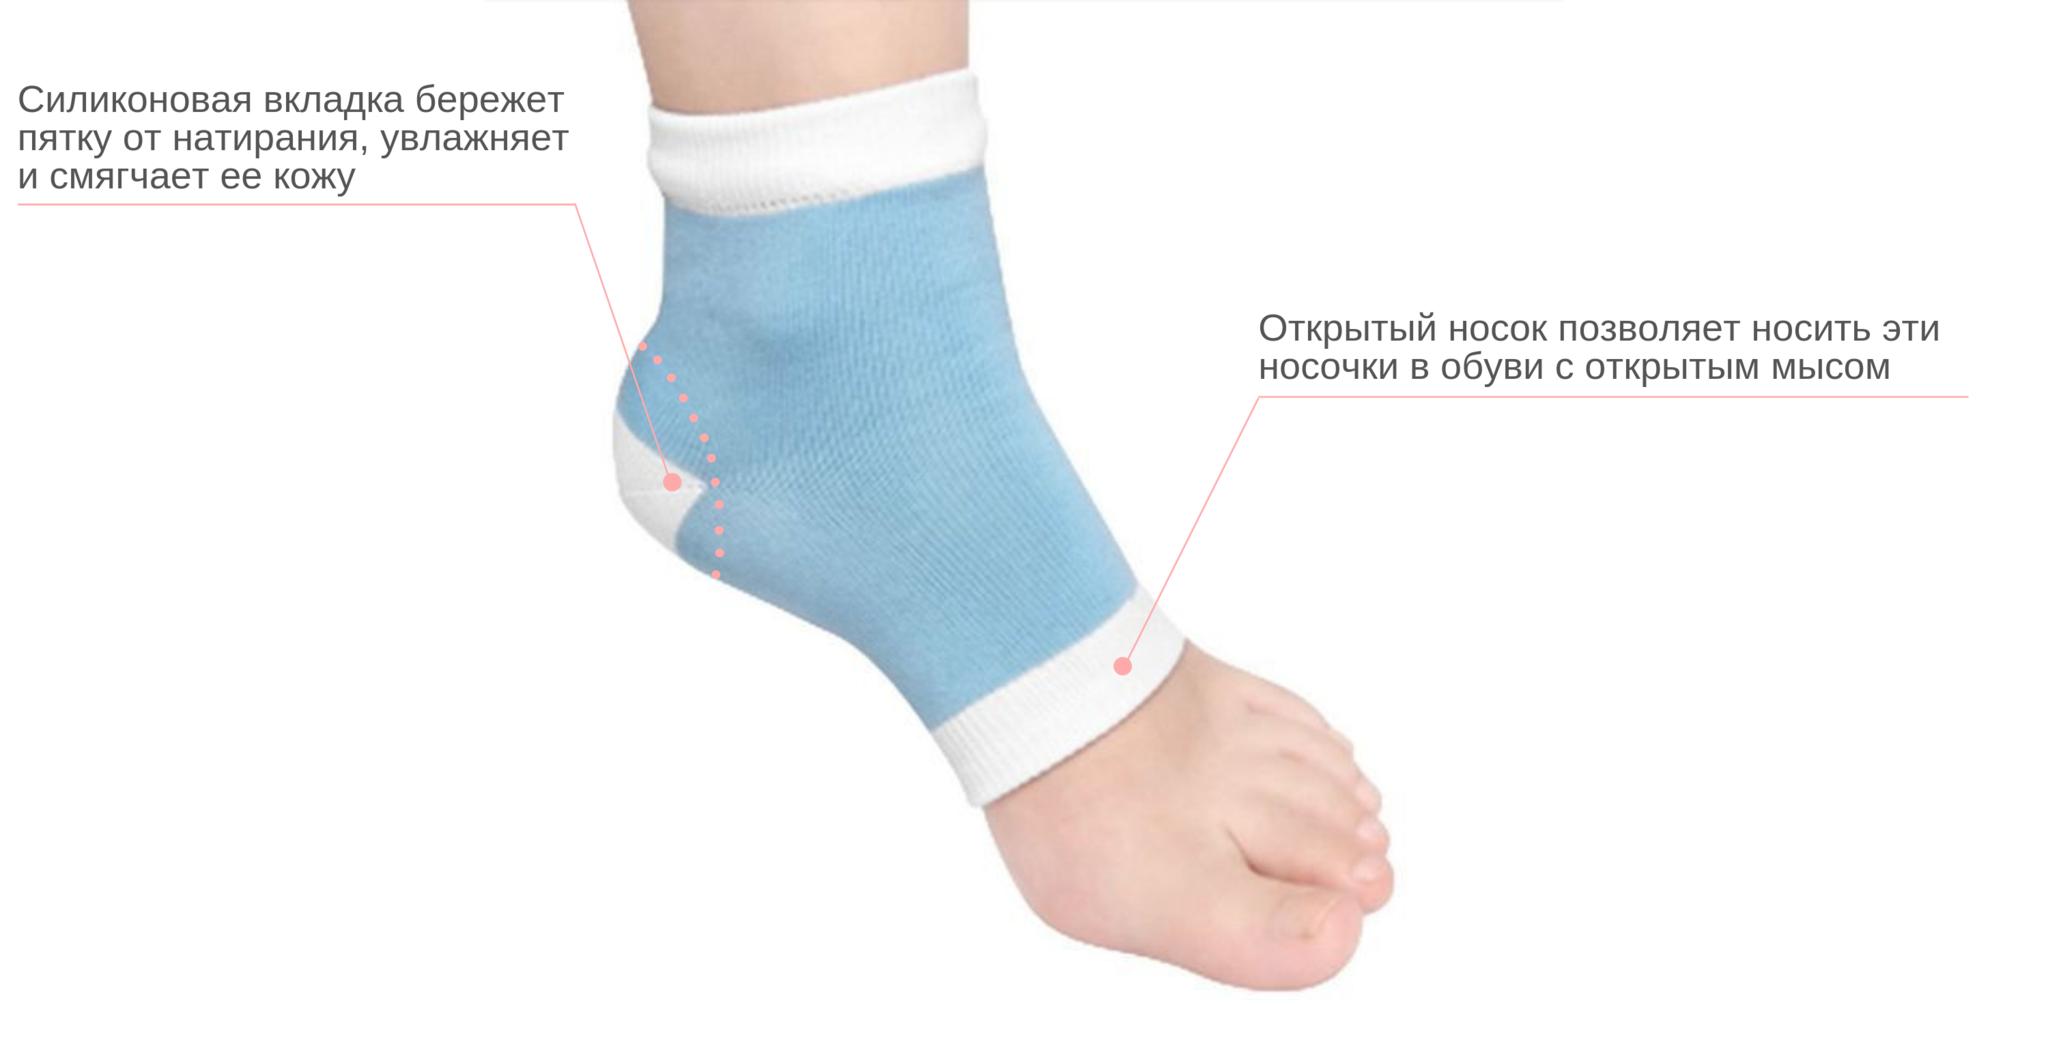 Увлажняющие носочки с гелевой защитой пятки